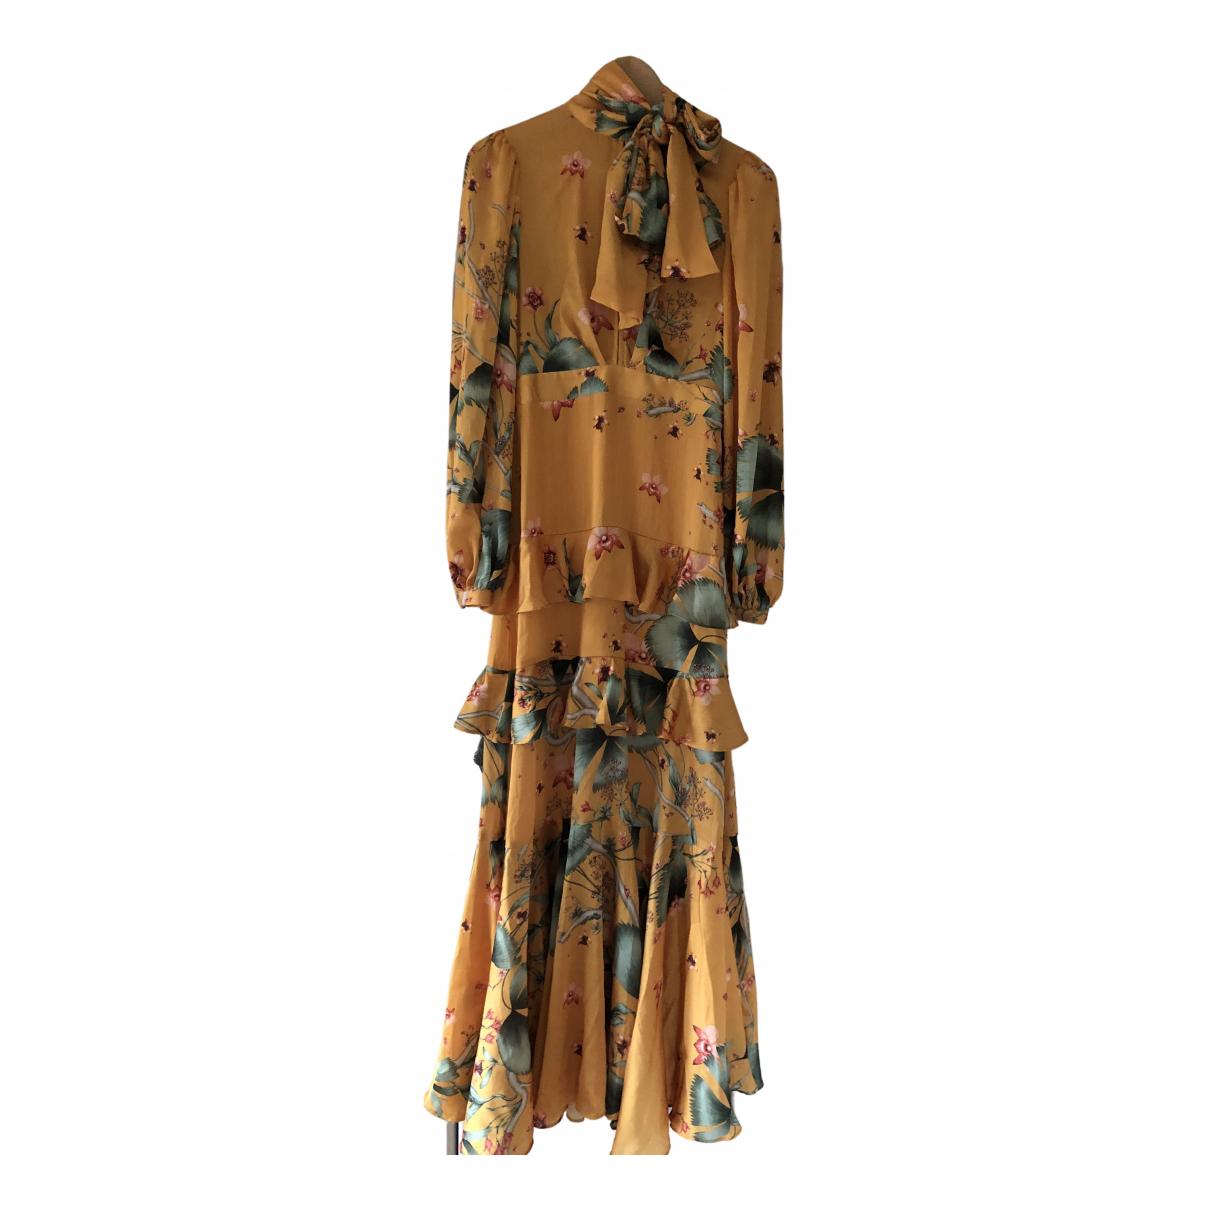 Johanna Ortiz X H&m \N Kleid in  Gelb Synthetik